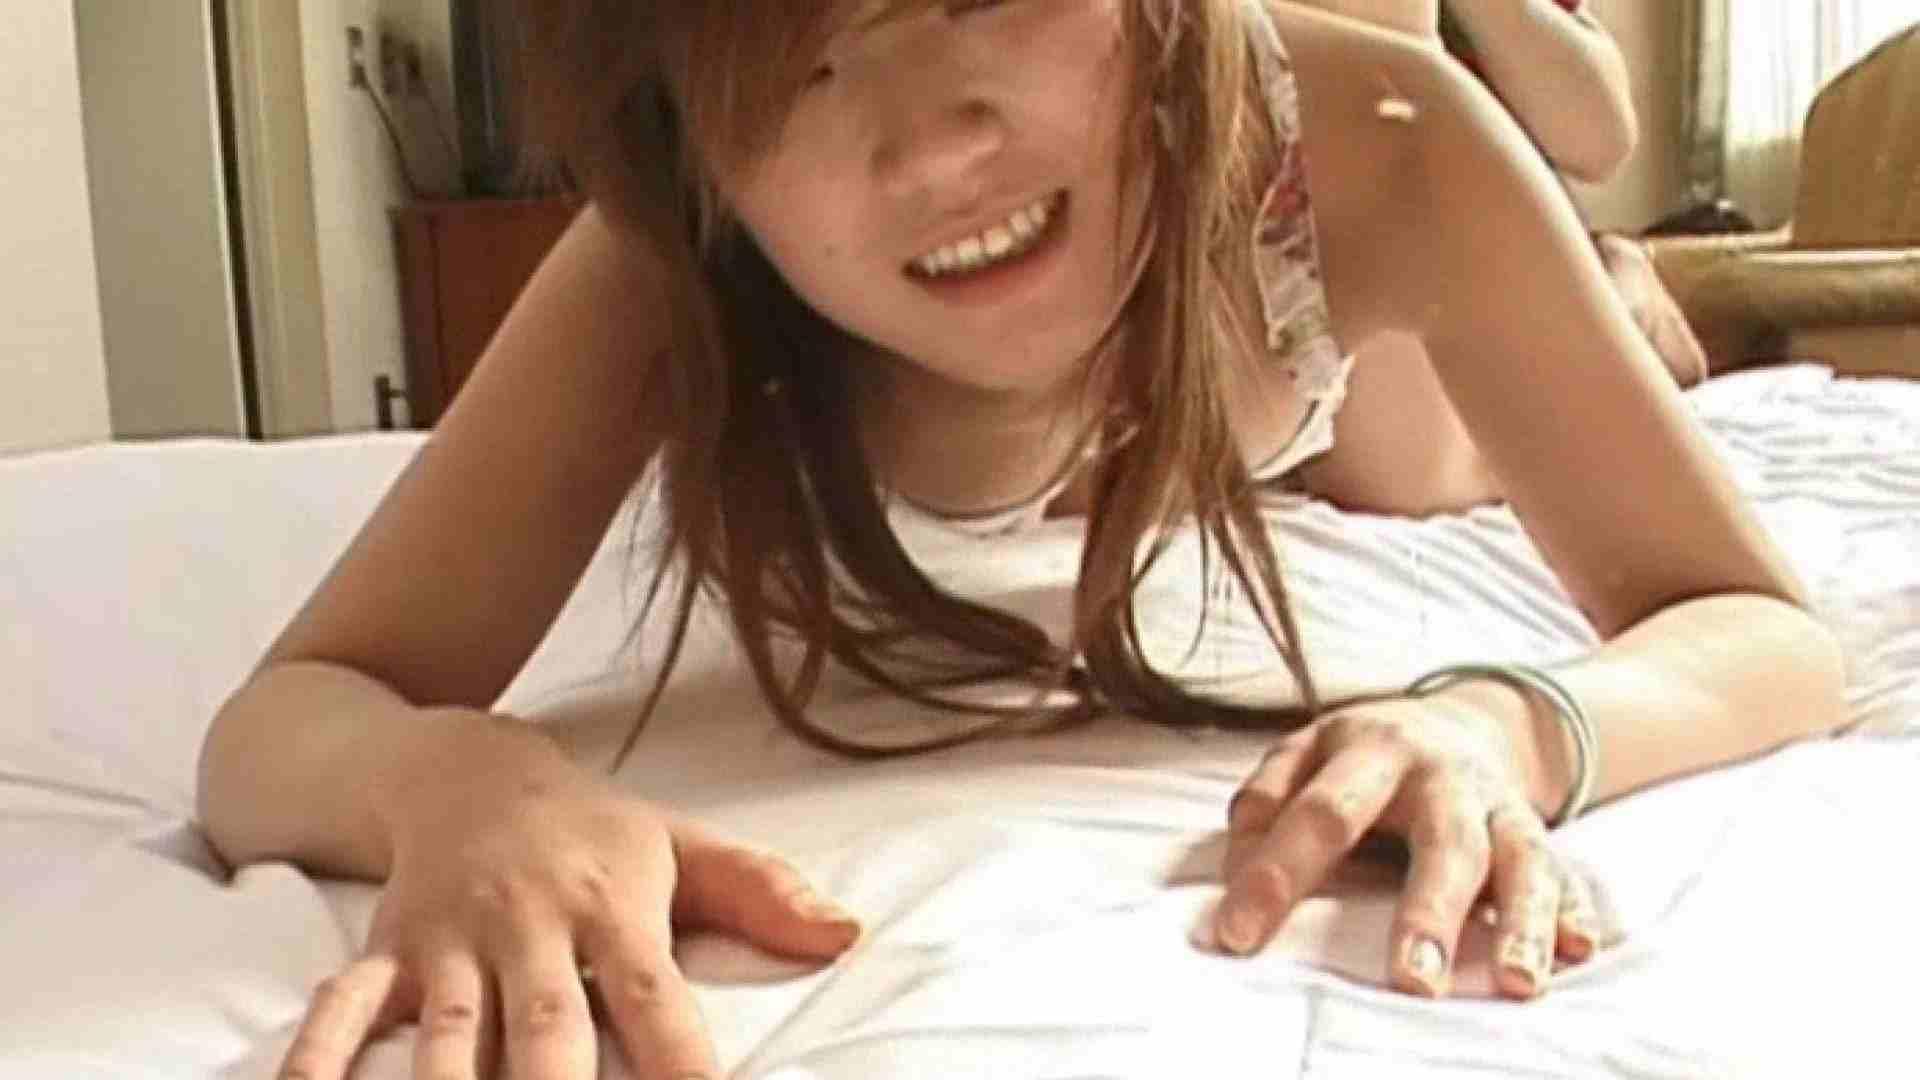 S級厳選美女ビッチガールVol.53 美女OL のぞき動画画像 82連発 56